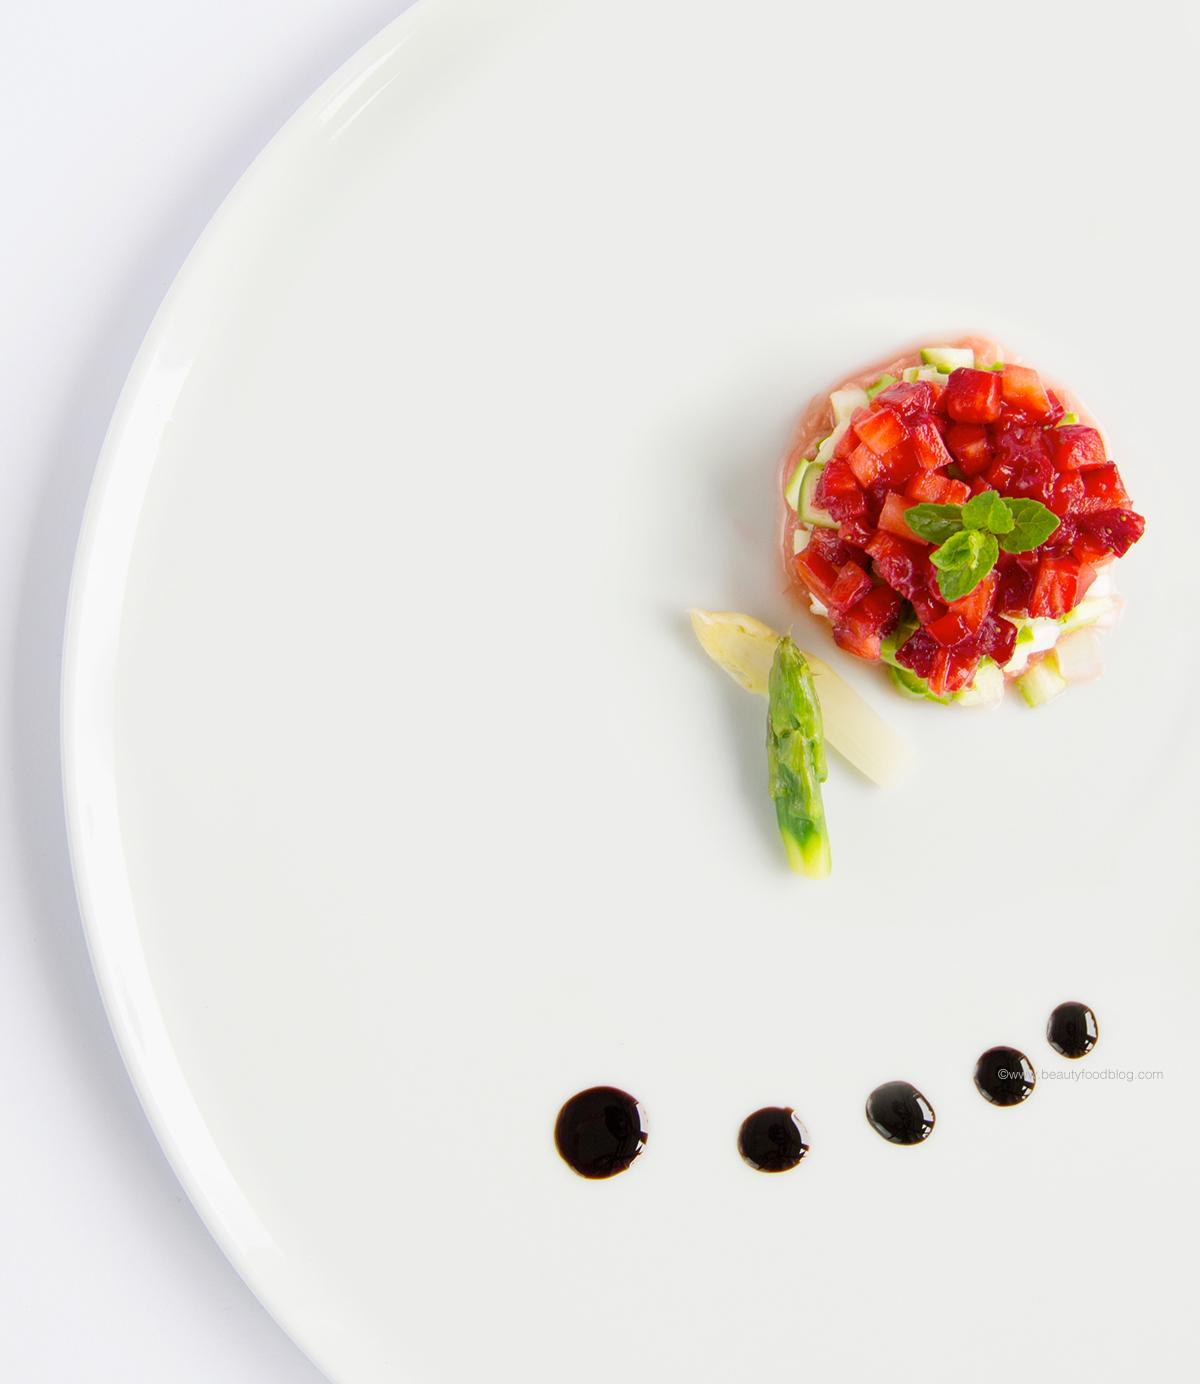 risotto vegan alla curcuma e burro di cacao con asparagi fragole e rabarbaro - vegan turmeric asparagus risotto